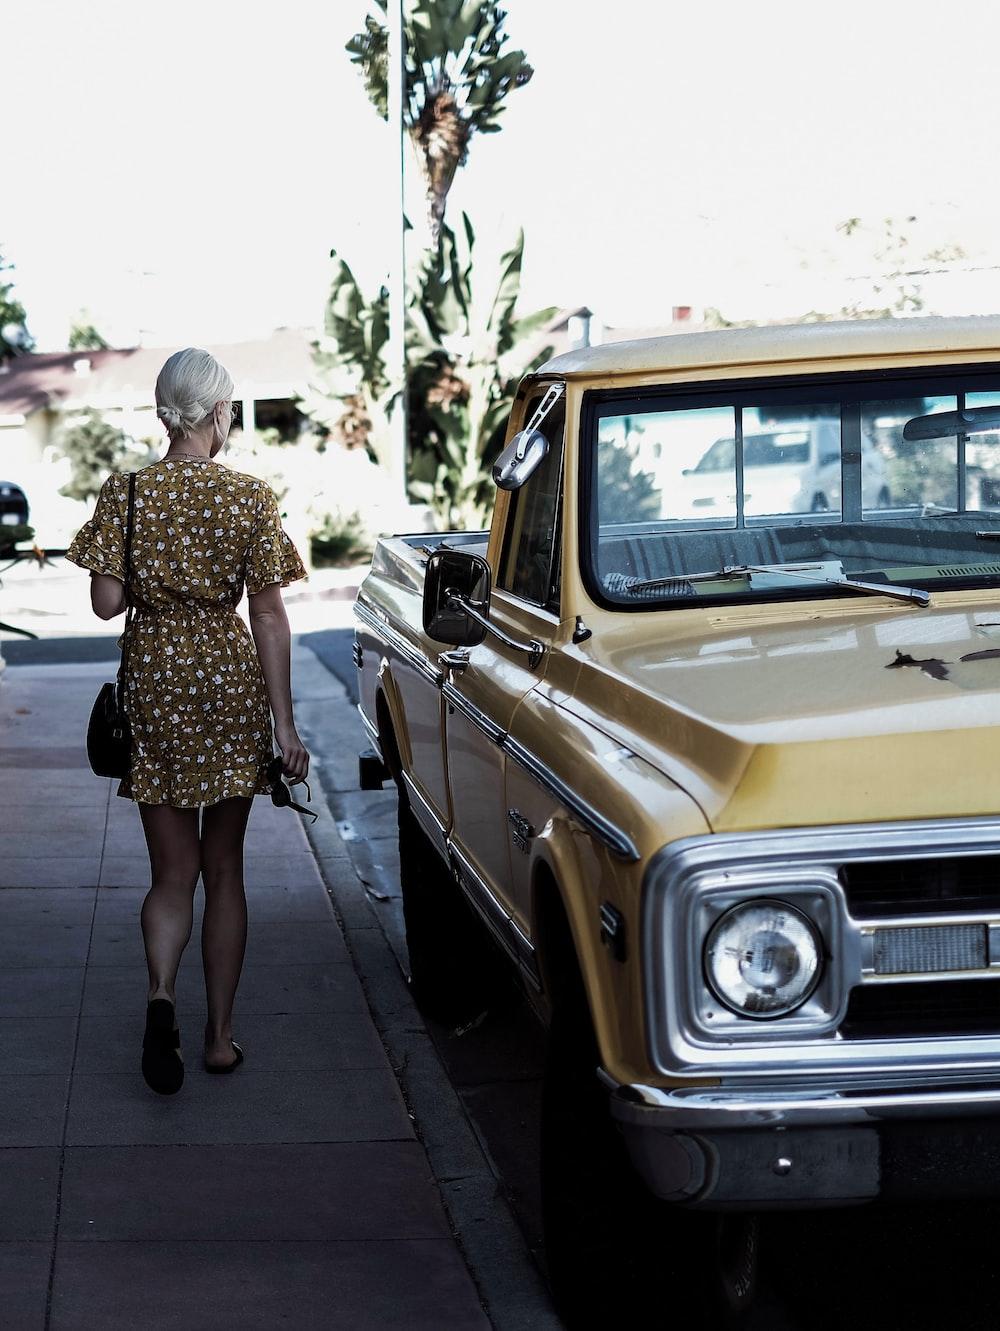 woman walking beside a car